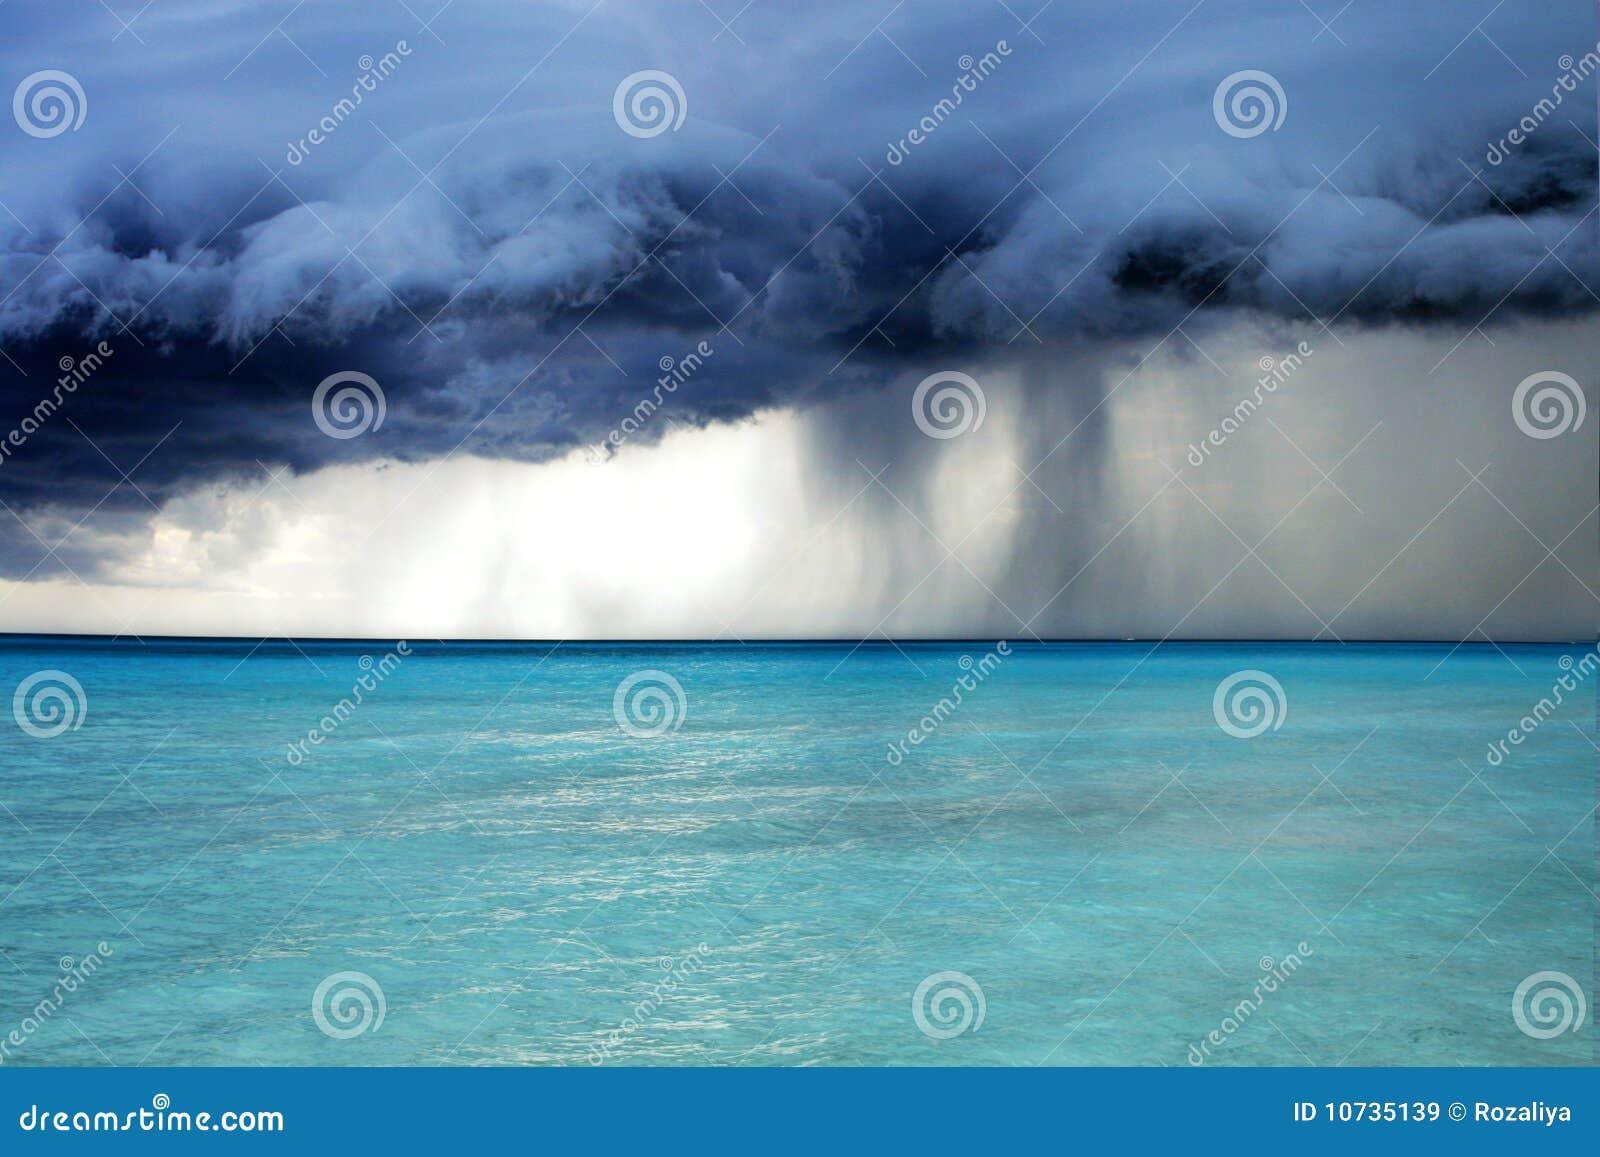 Stormachtig weer met regen op het strand